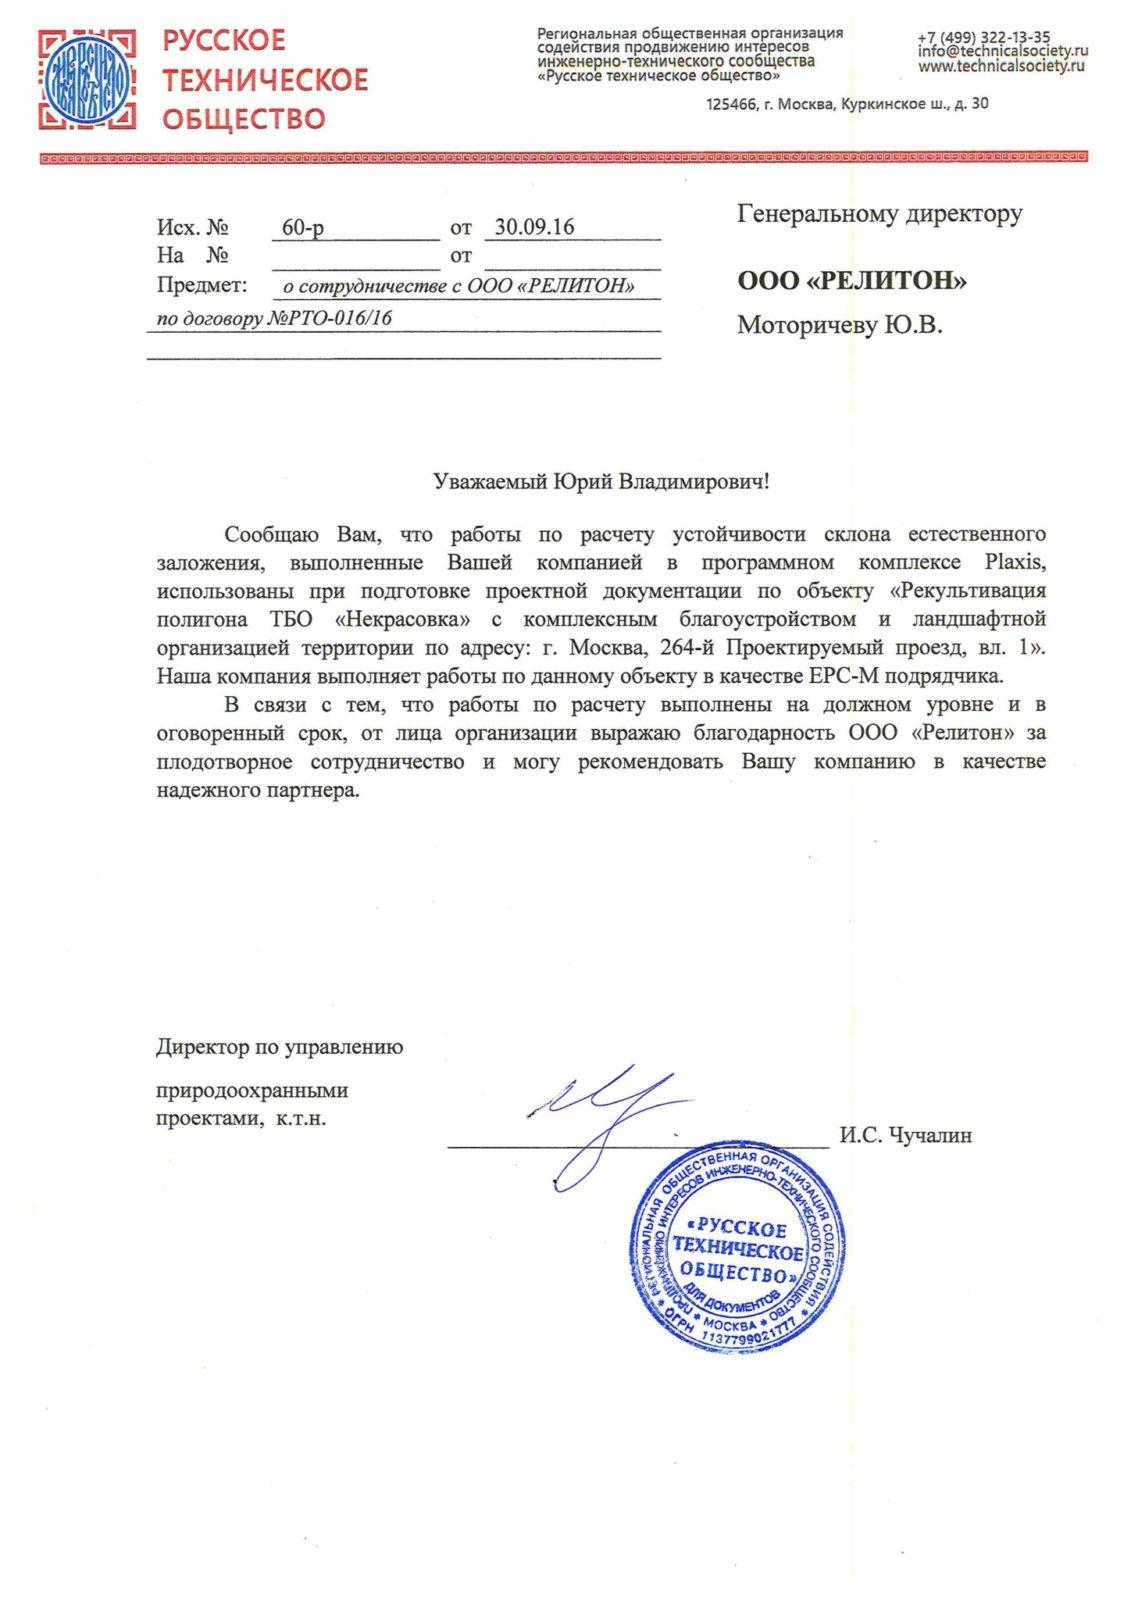 Otzyv-o-sotrudnichestve-s-kompaniej-reliton-ot-regionalnoj-obshhestvennoj-organizatsii-sodejstviya-prodvizheniyu-interesov-inzhenerno-tehnicheskogo-soobshhestva-Russkoe-tehnicheskoe-obshhestvo.jpg